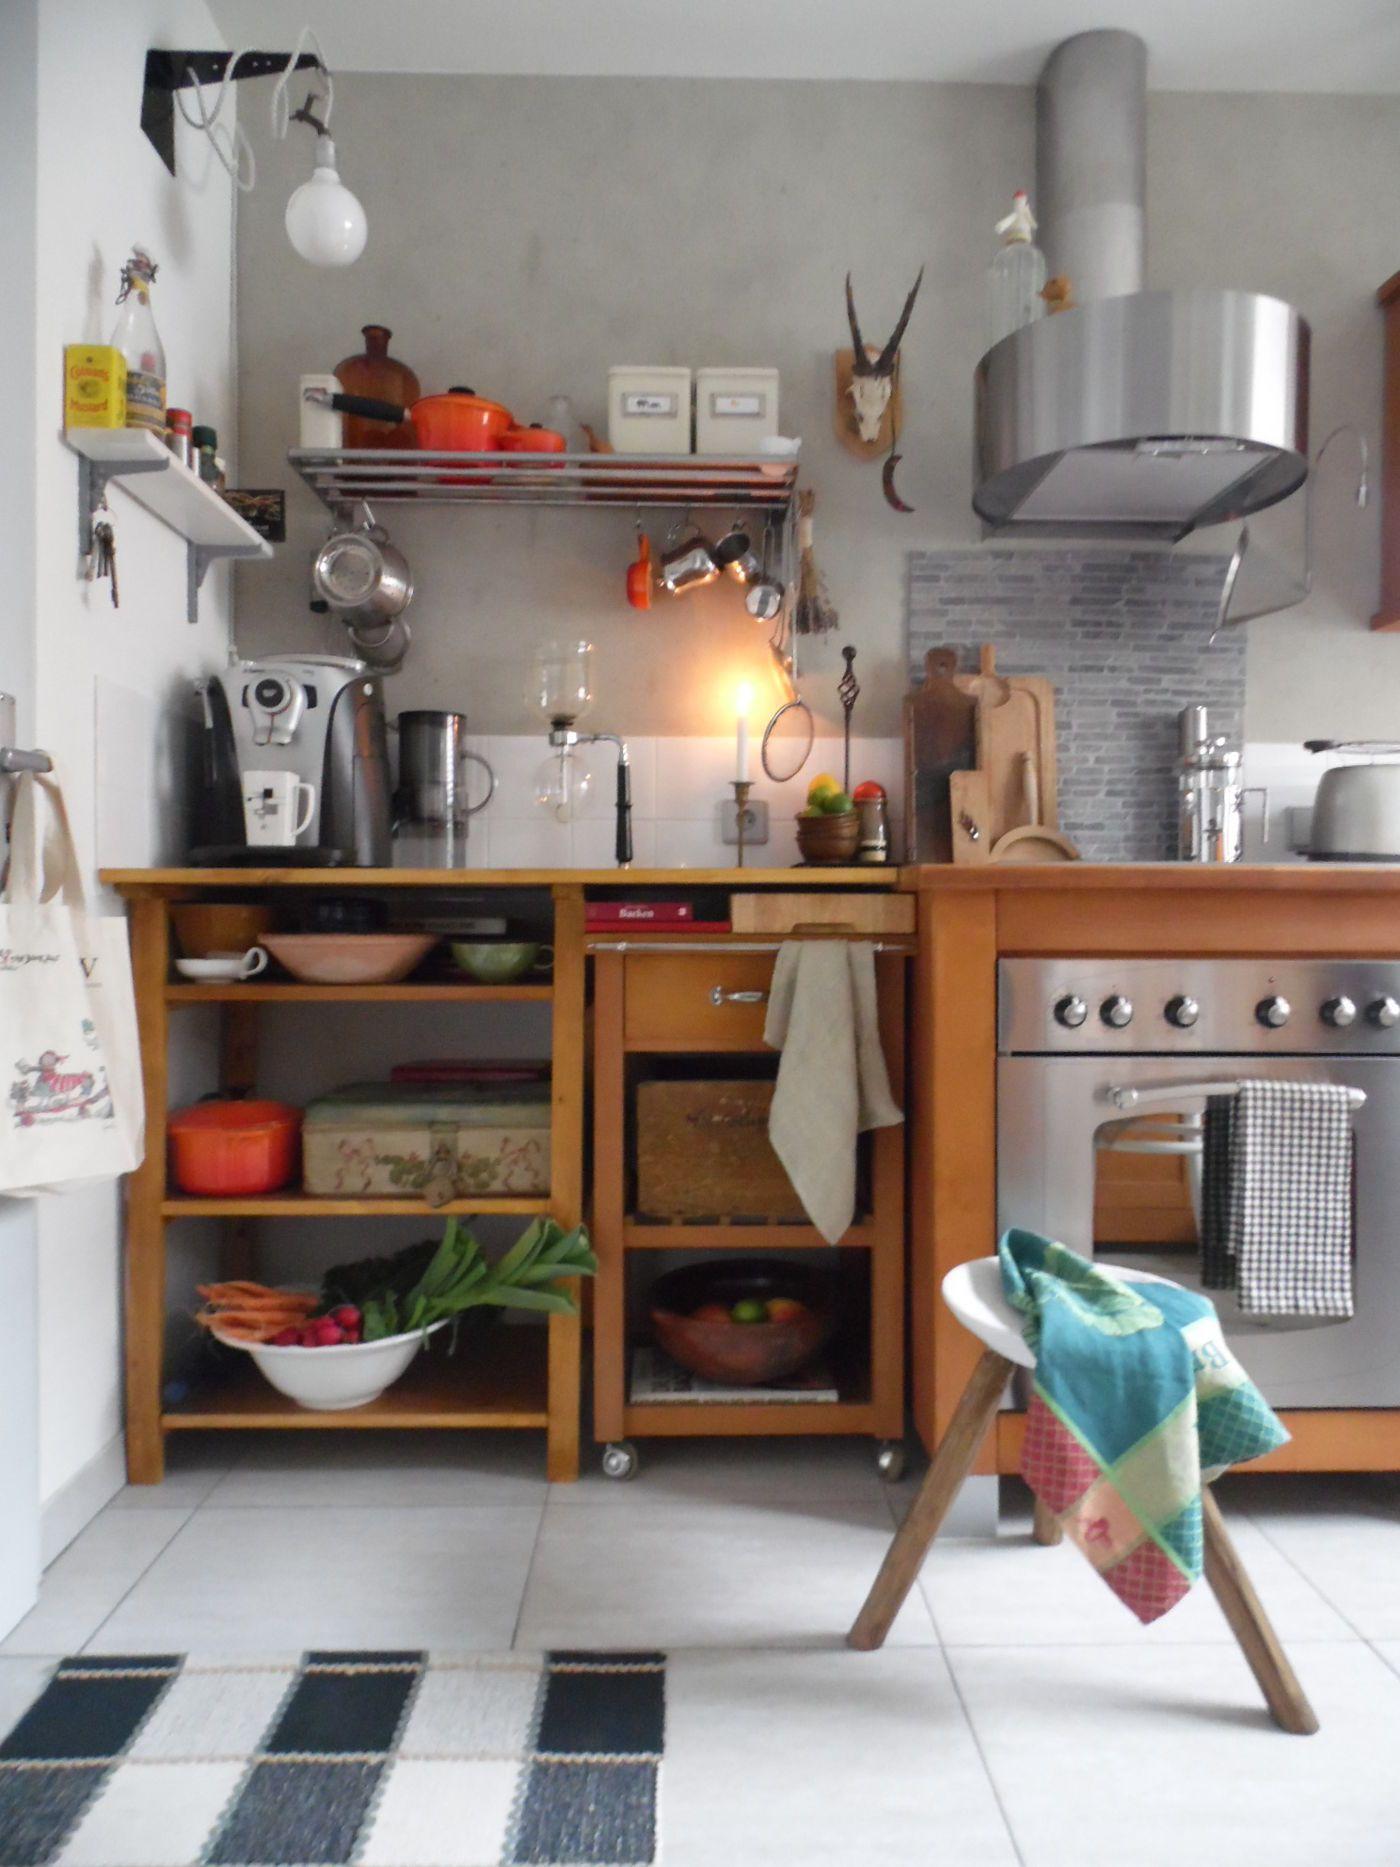 Full Size of Wandgestaltung Küche Besten Ideen Fr In Der Kche Modern Weiss Wanduhr Küchen Regal Mit Elektrogeräten Günstig Singelküche Industrial Abfallbehälter Wohnzimmer Wandgestaltung Küche